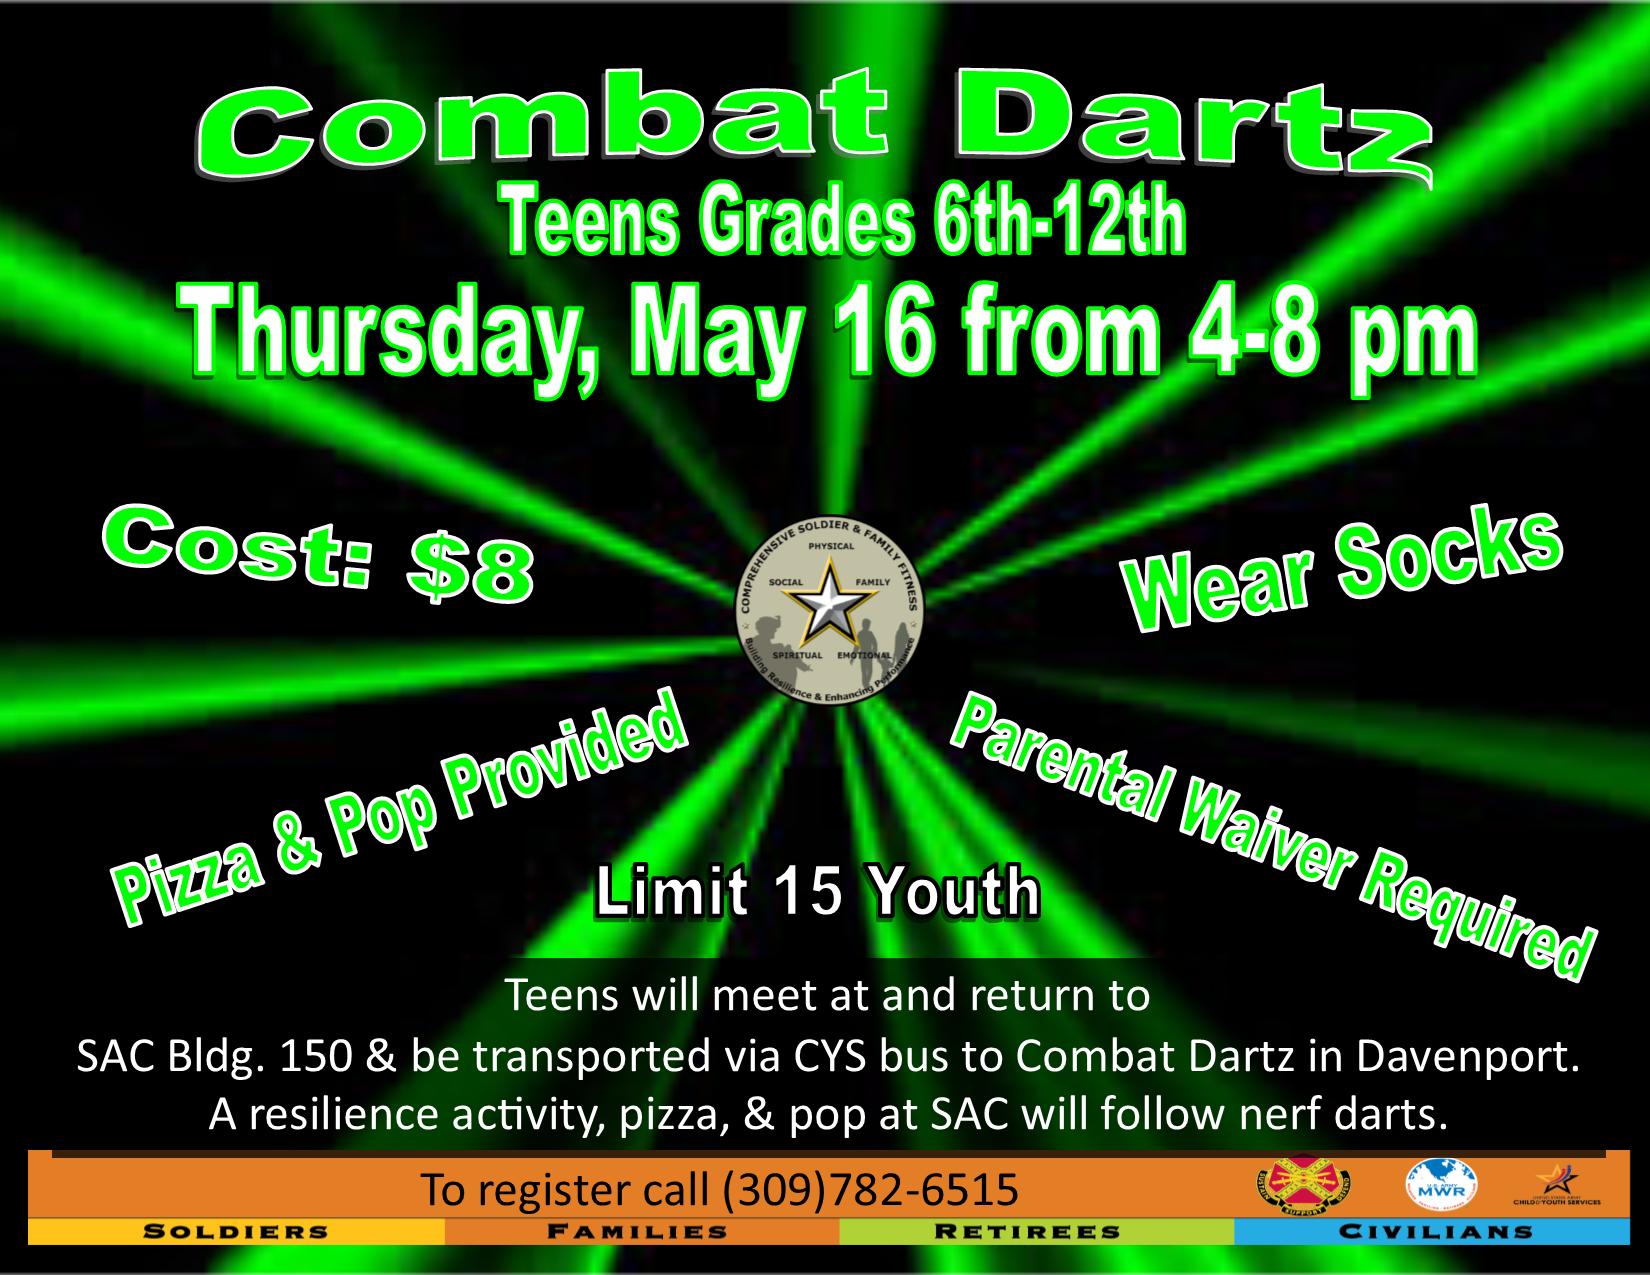 Teen Resiliency: Combat Darts